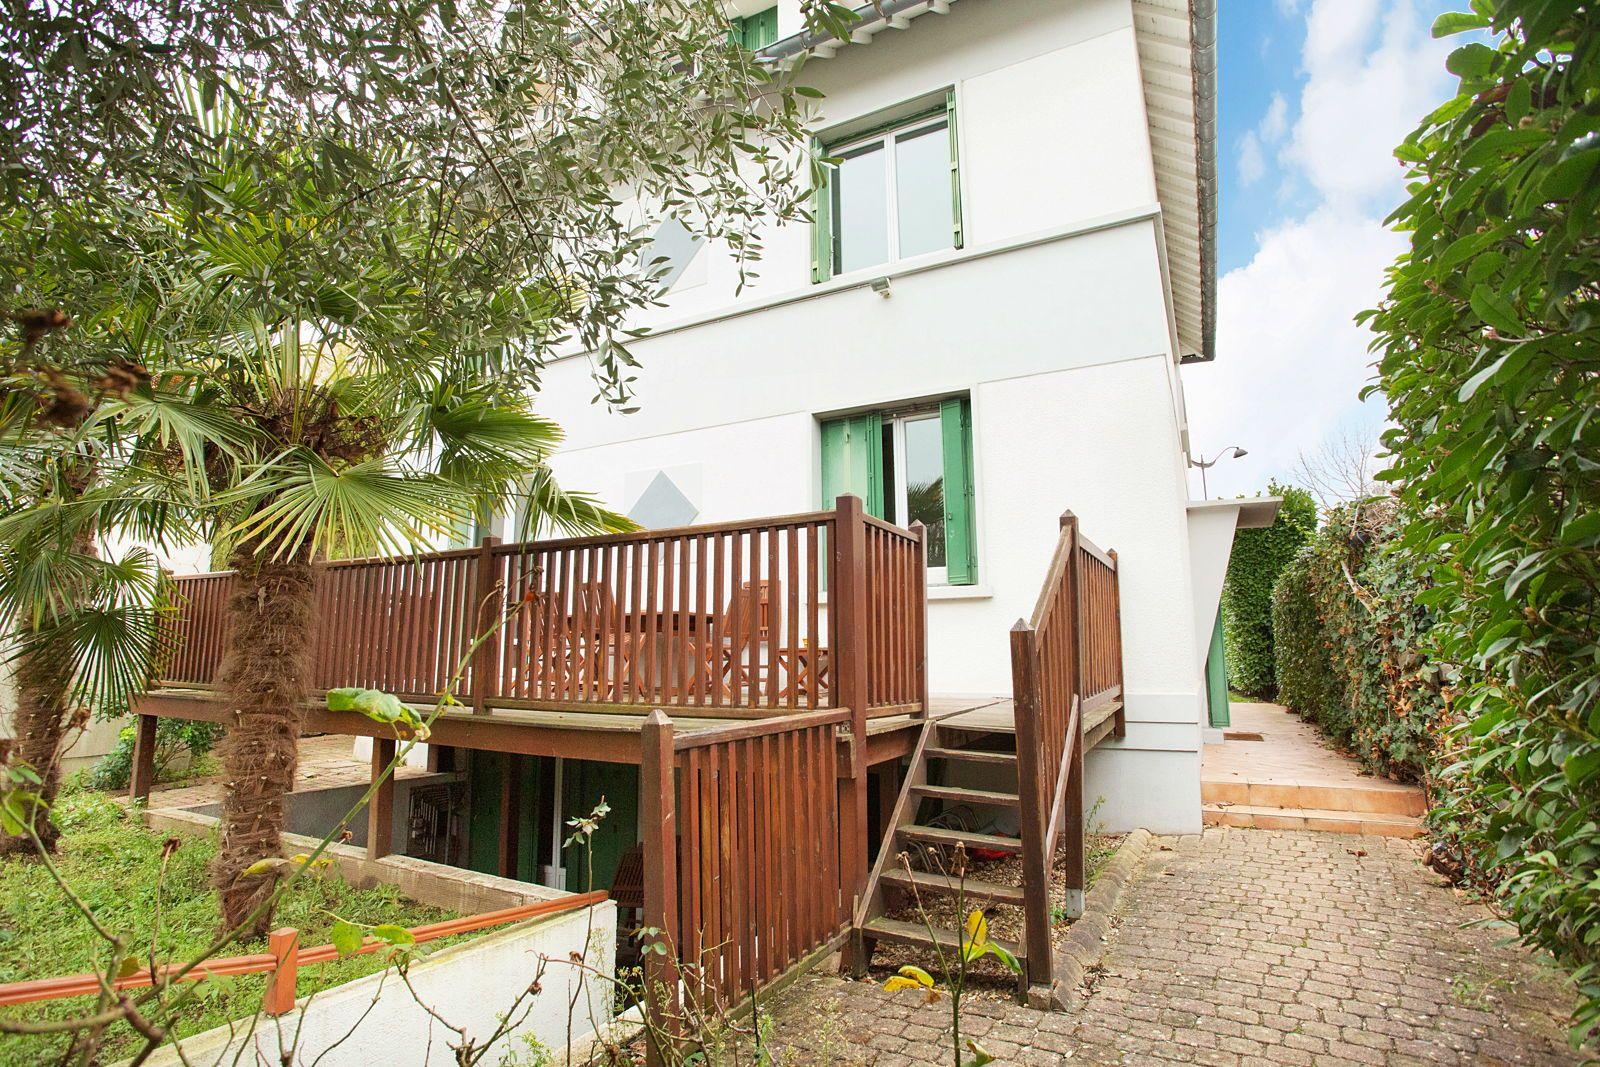 Vends maison 6chambres 210m² à Rueil-Malmaison quartier Gare